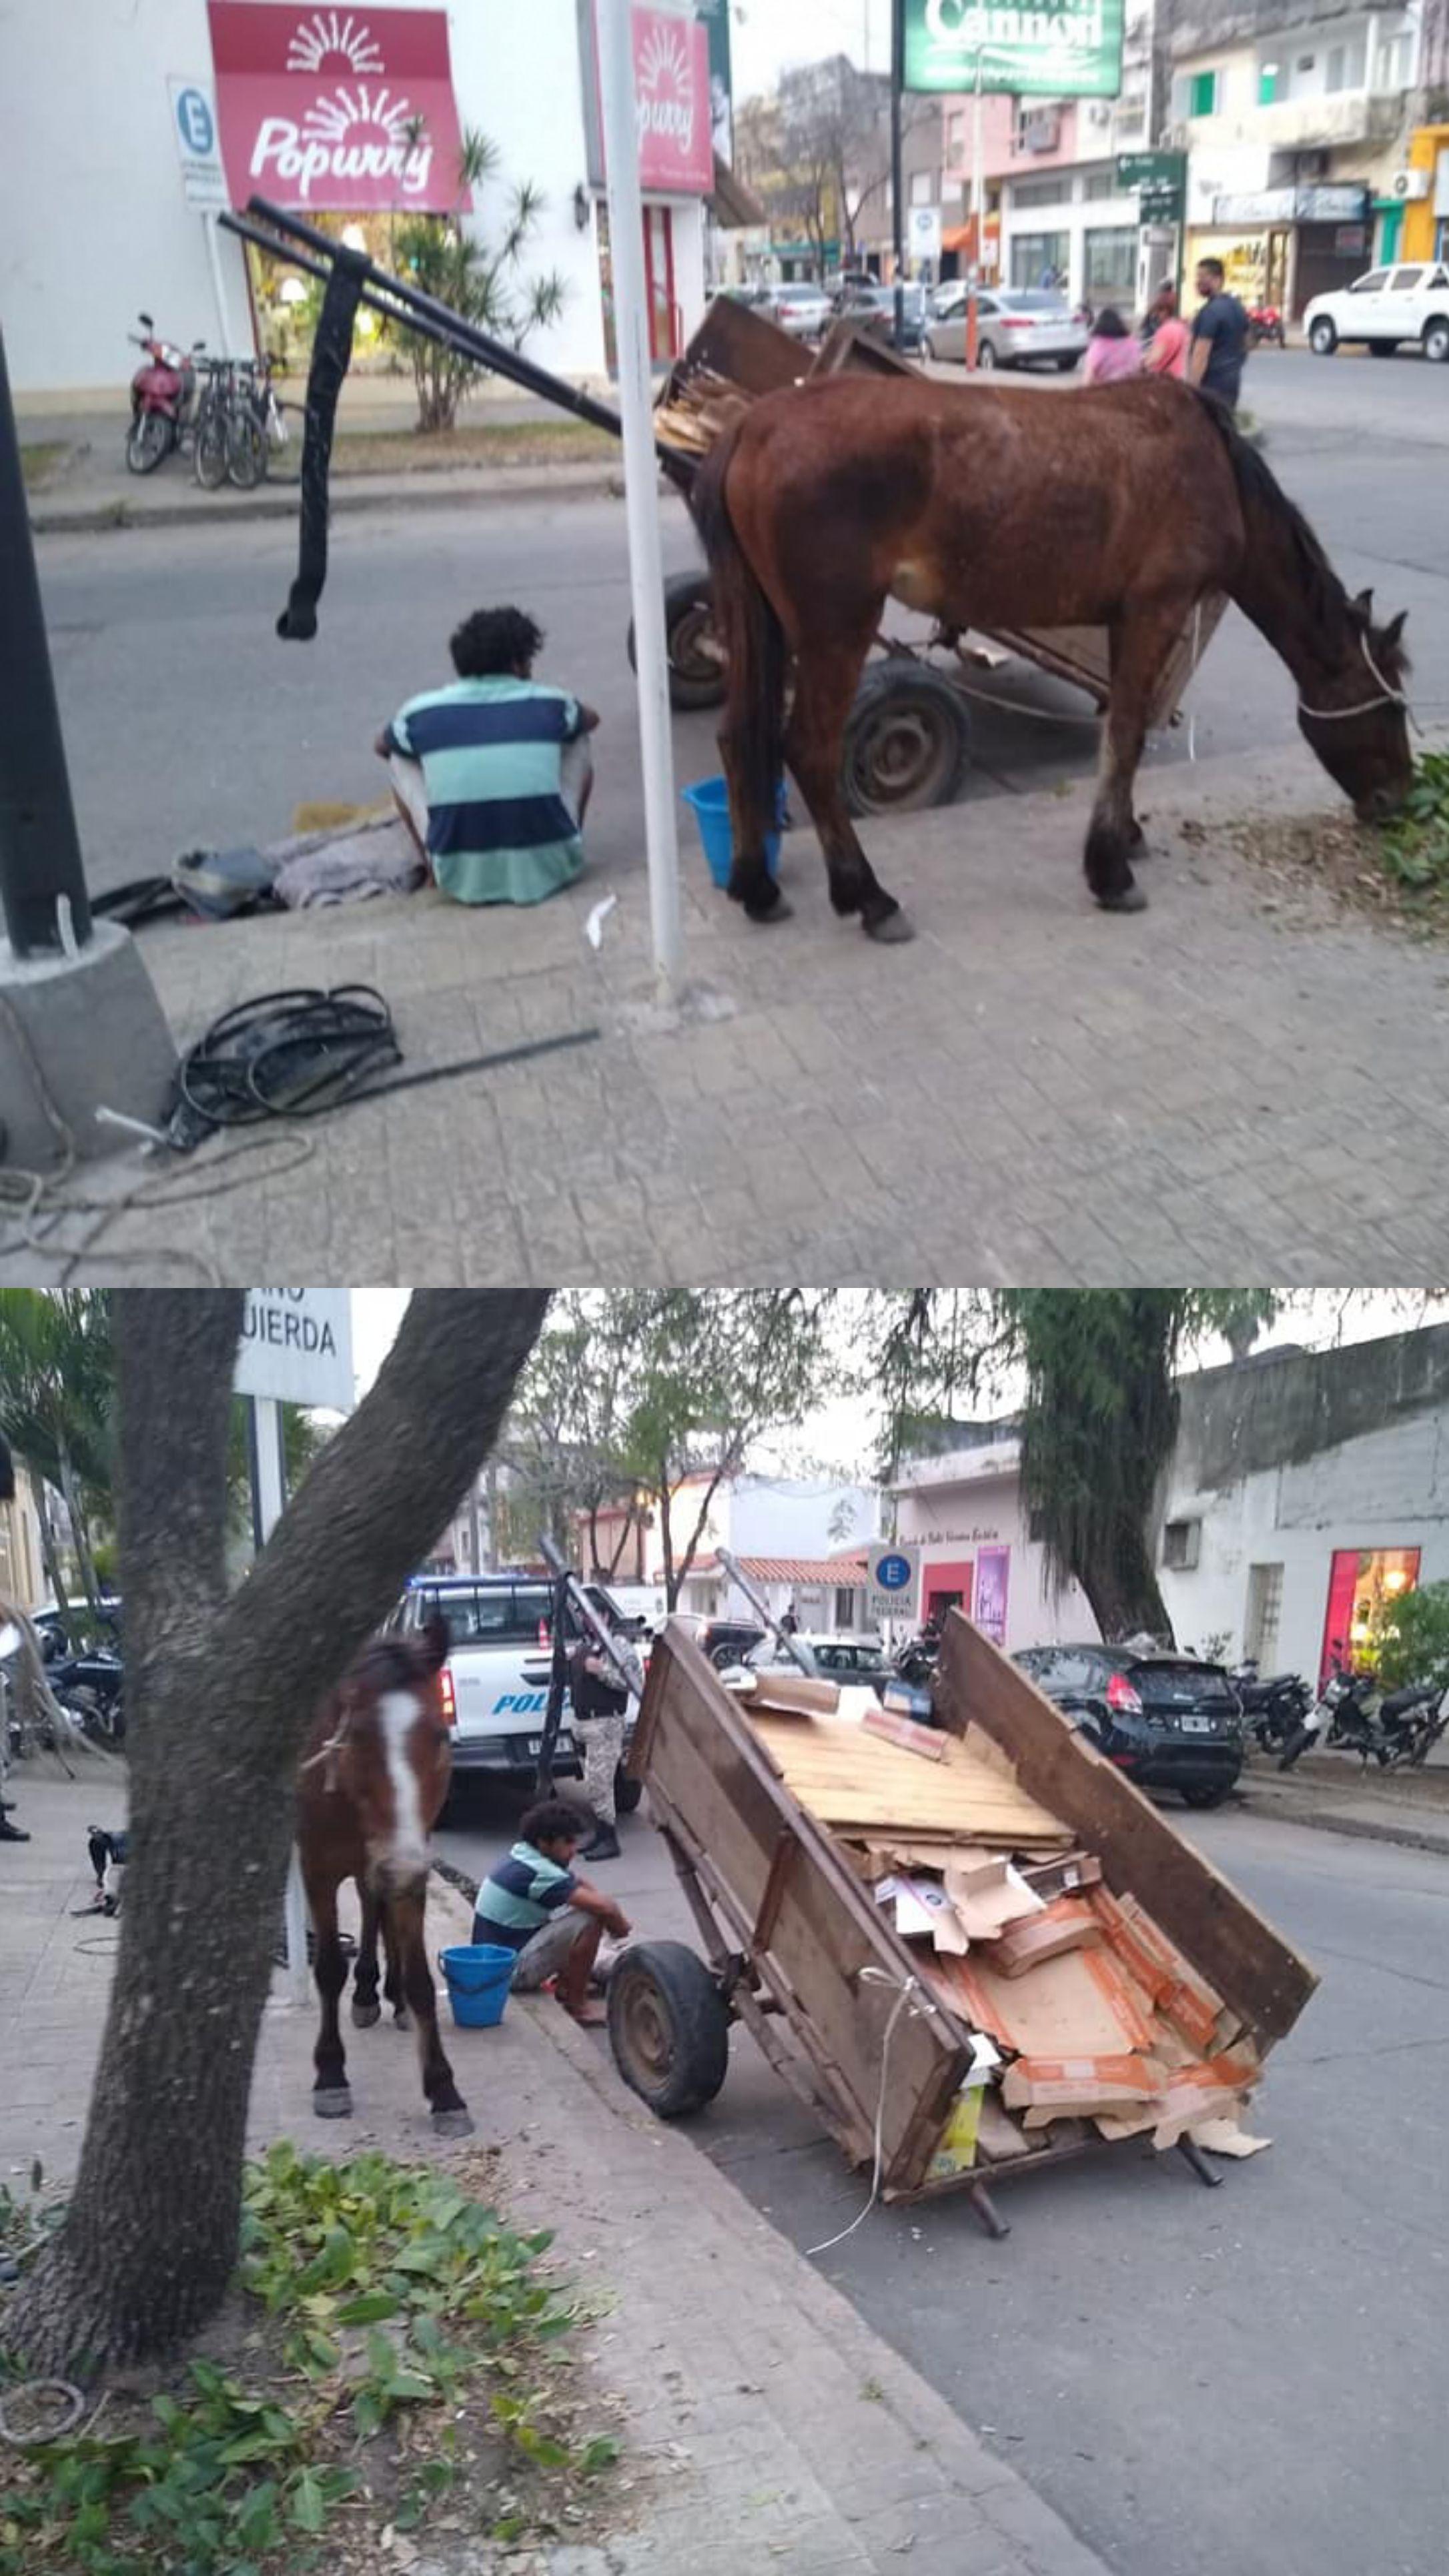 Resistencia: Estando ebrio manejaba un carro, chocó contra el cordón y el caballo cayó en pleno centro.